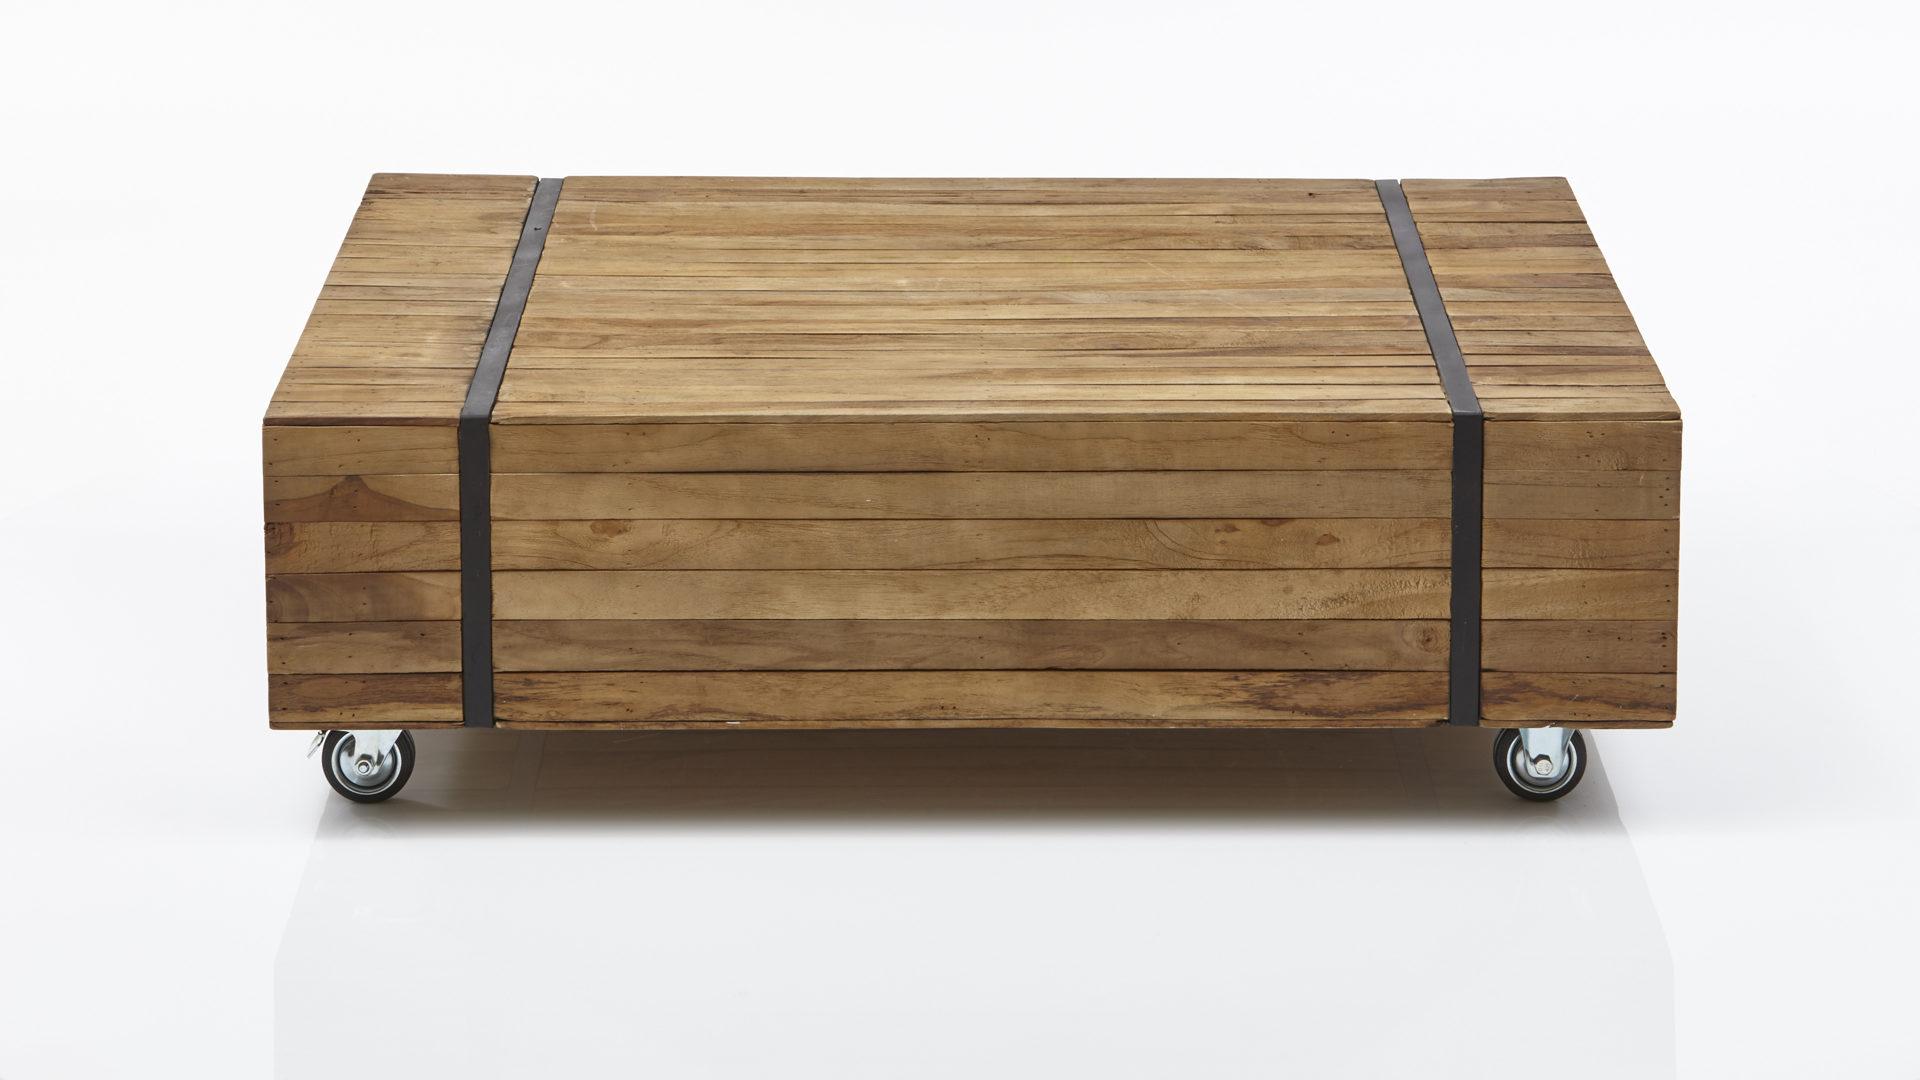 Möbel Hermes Möbel A Z Tische Couchtische Teakholz Couchtisch